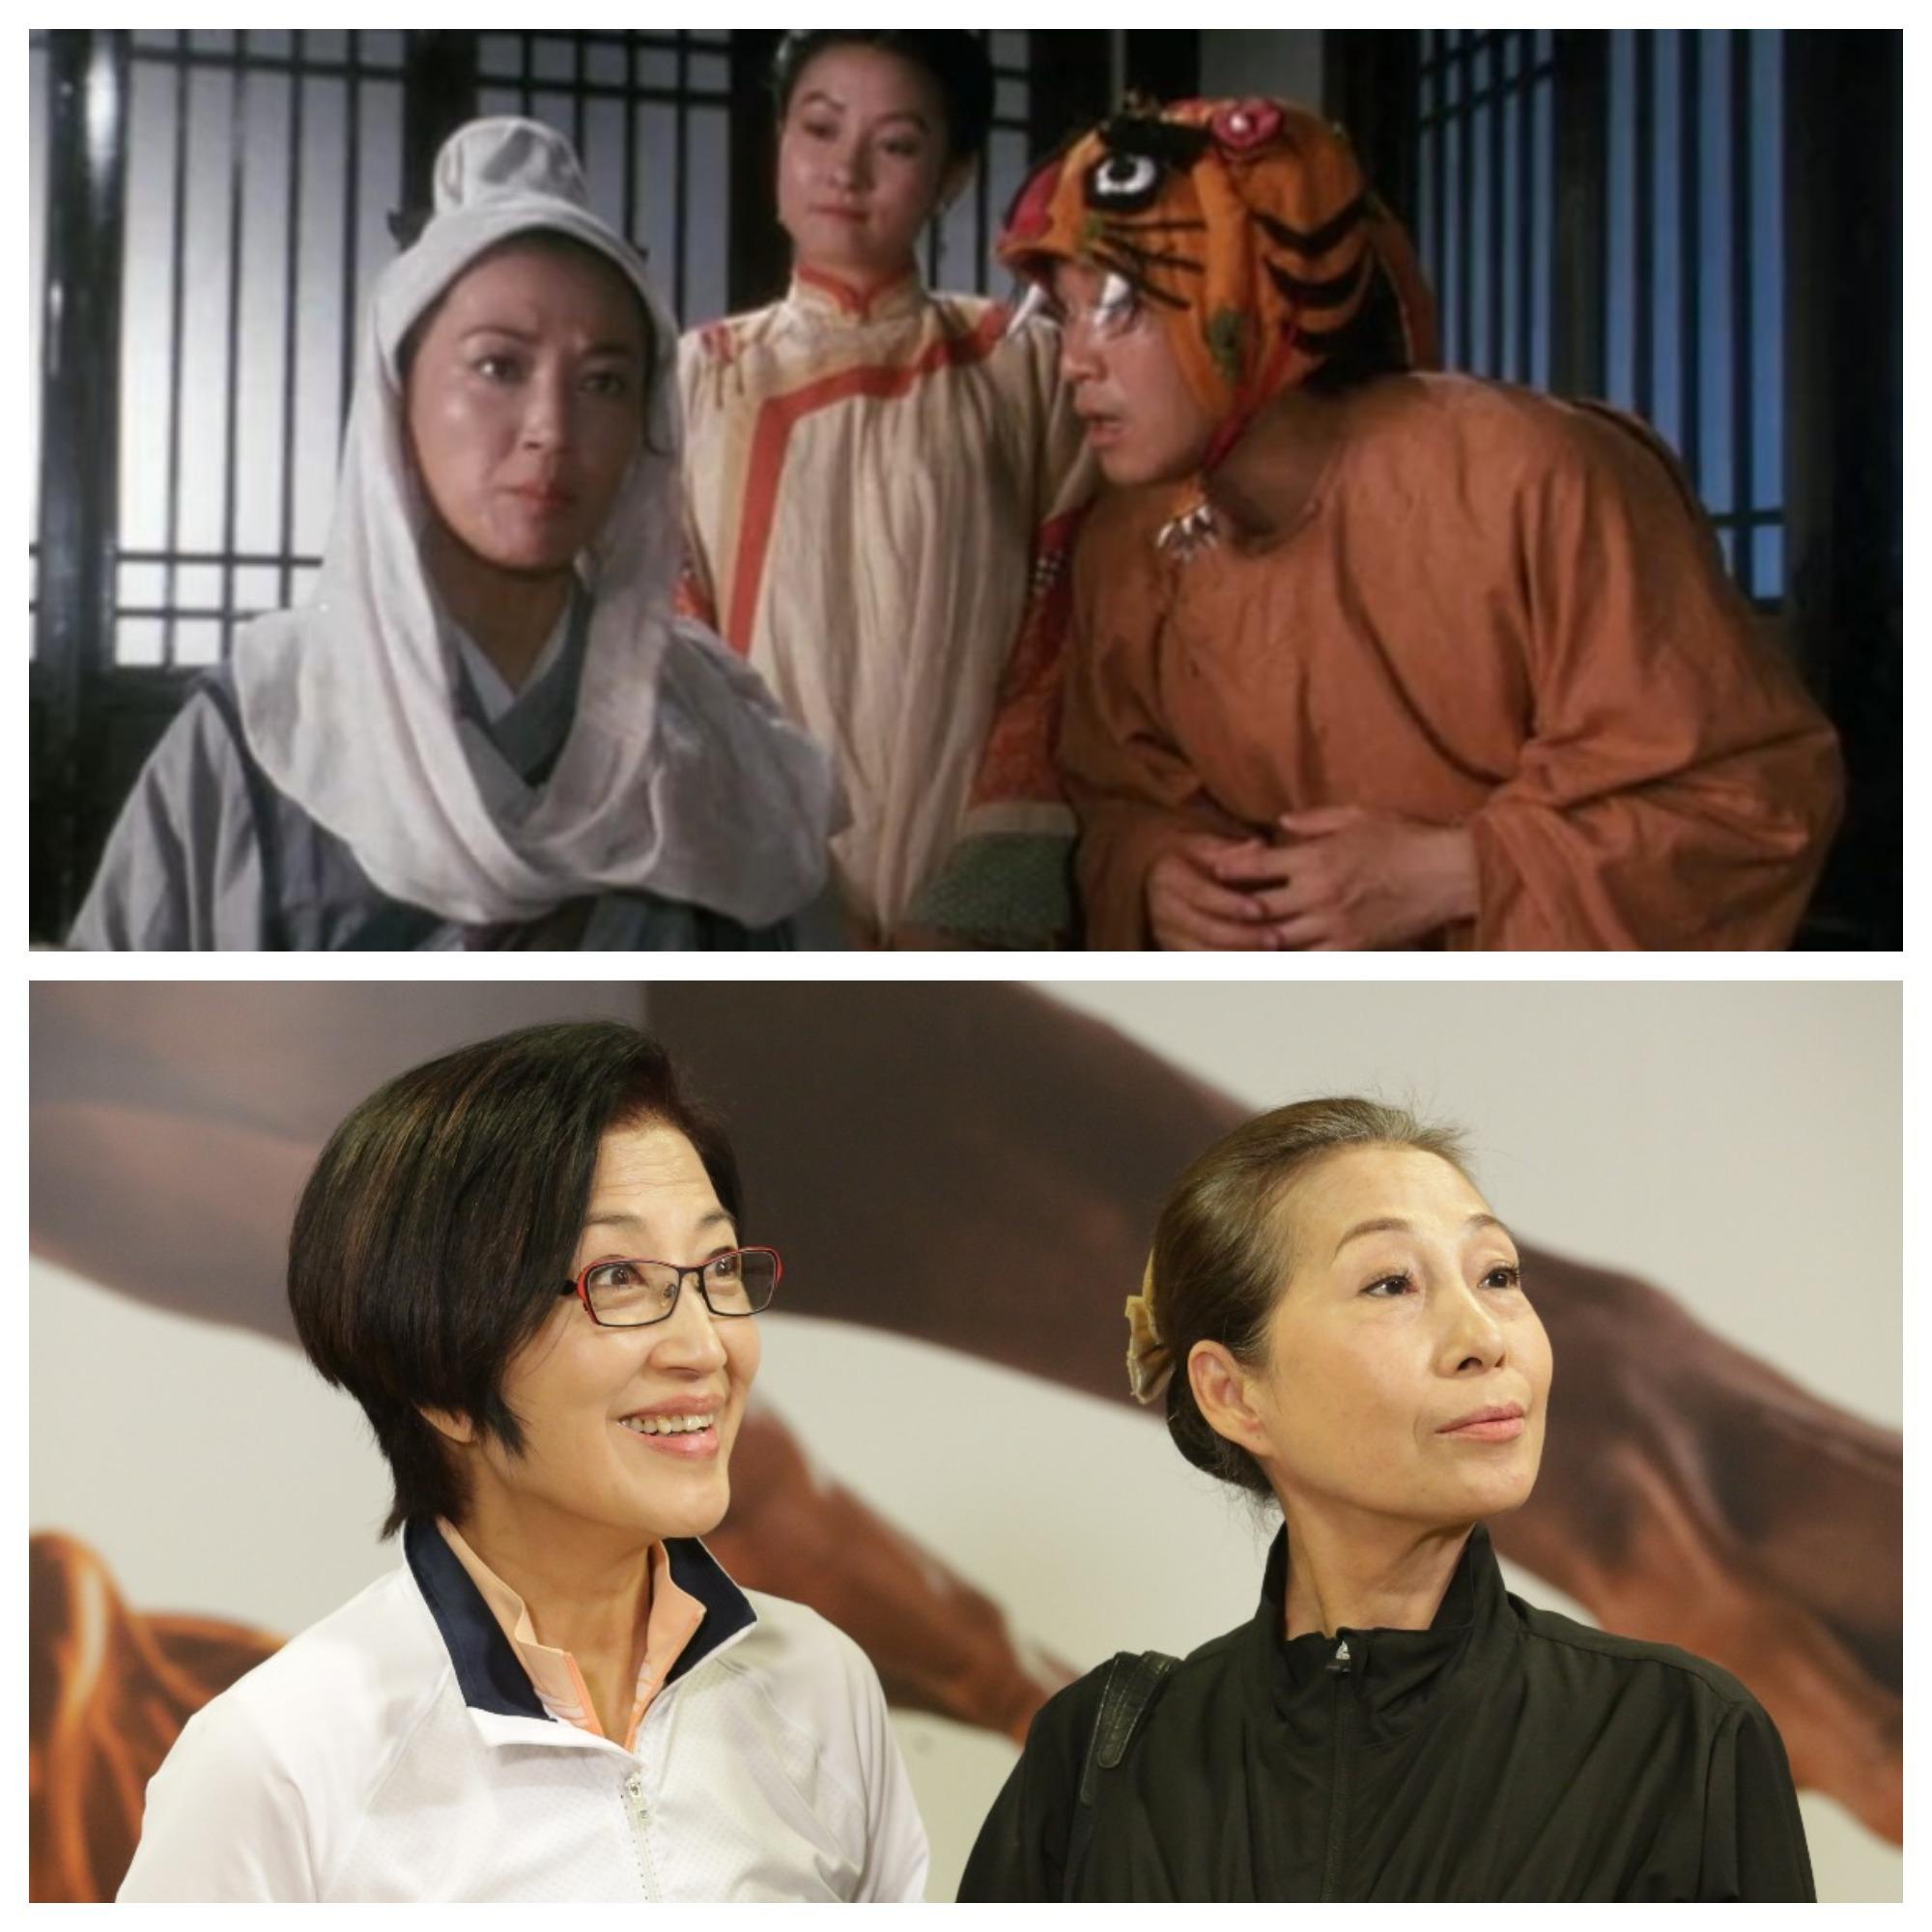 九二年於電影《鹿鼎記2神龍教》飾演獨臂神尼(上)。而劇集《愛‧回家》中演「Helen姐」,令觀眾對她刮目相看()下。